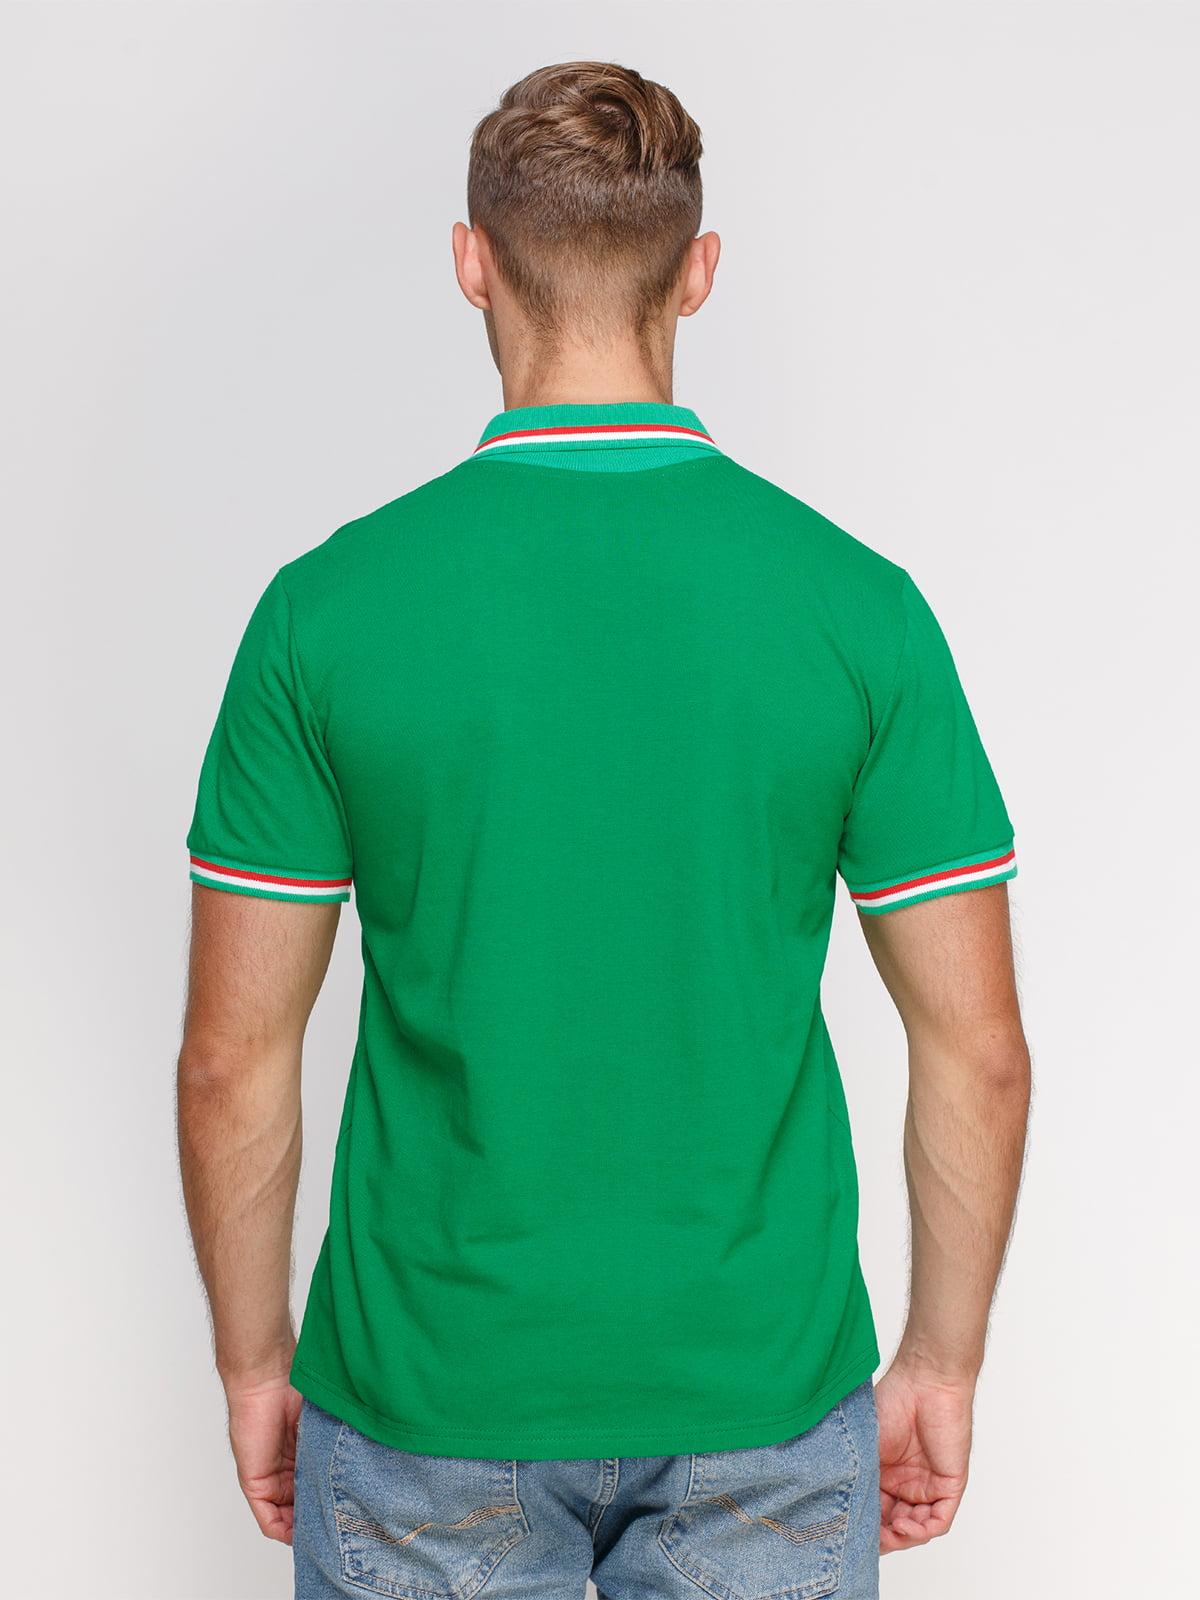 Футболка-поло зелена з принтом   4578474   фото 2